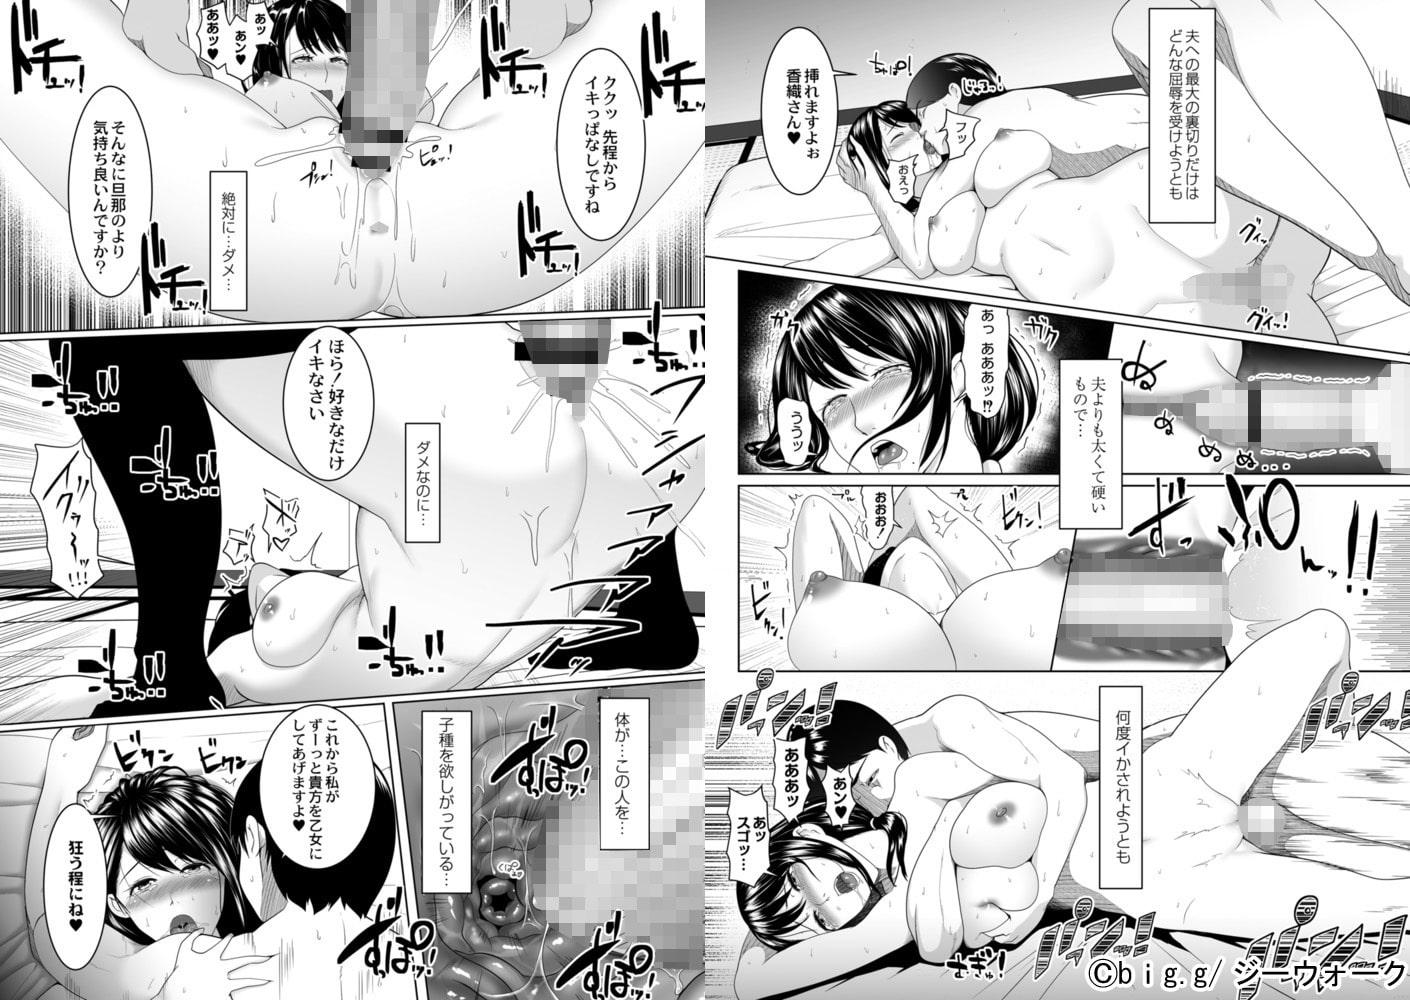 【単行本版】人妻たちの楽園のサンプル画像9